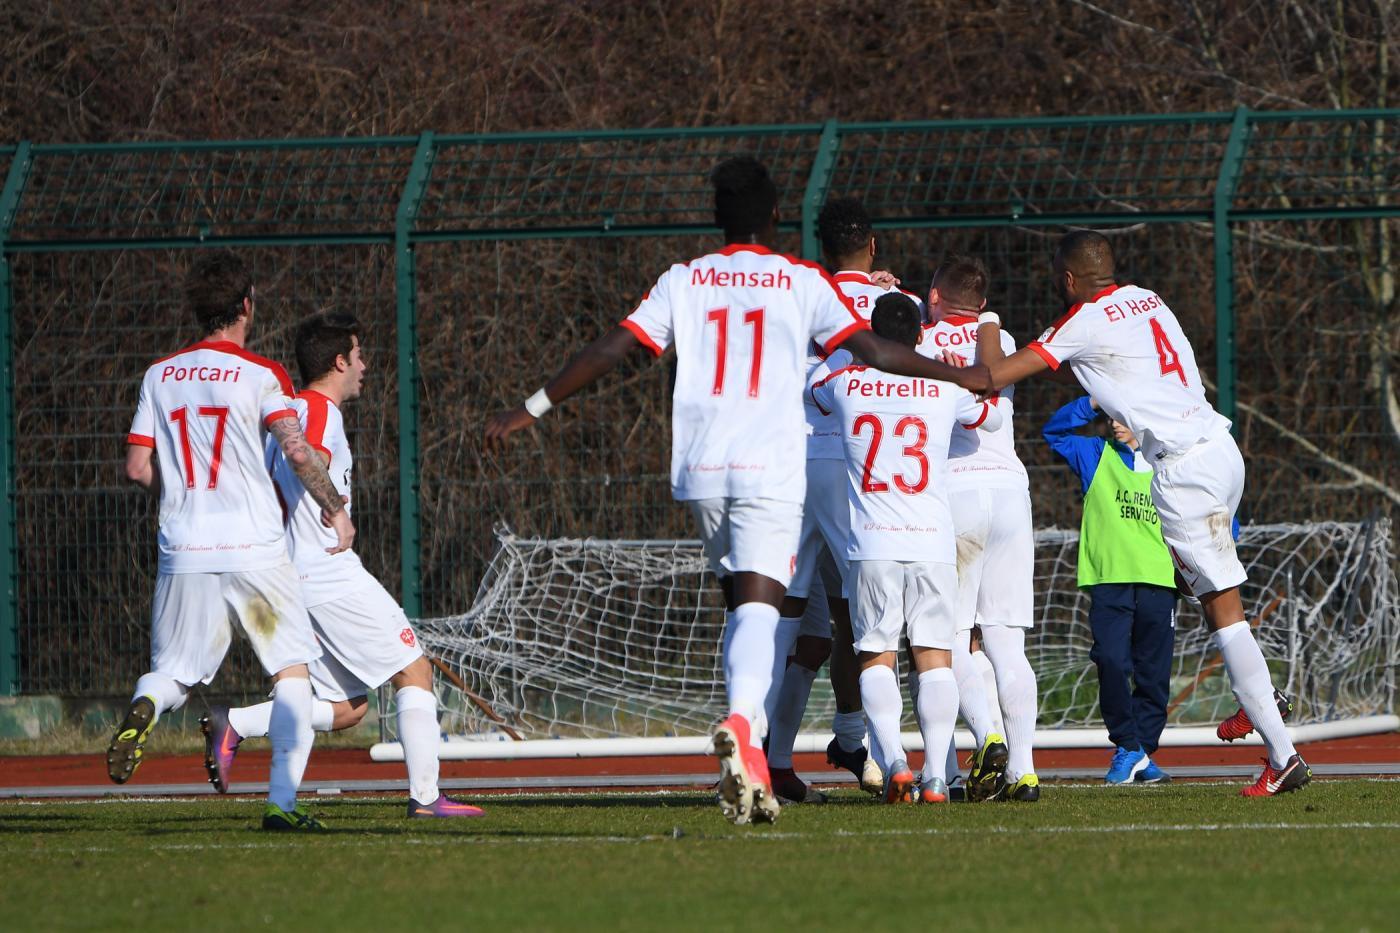 Triestina-Vis Pesaro 18 settembre: match della prima giornata del gruppo B di Serie C. I padroni di casa sono favoriti per i 3 punti.